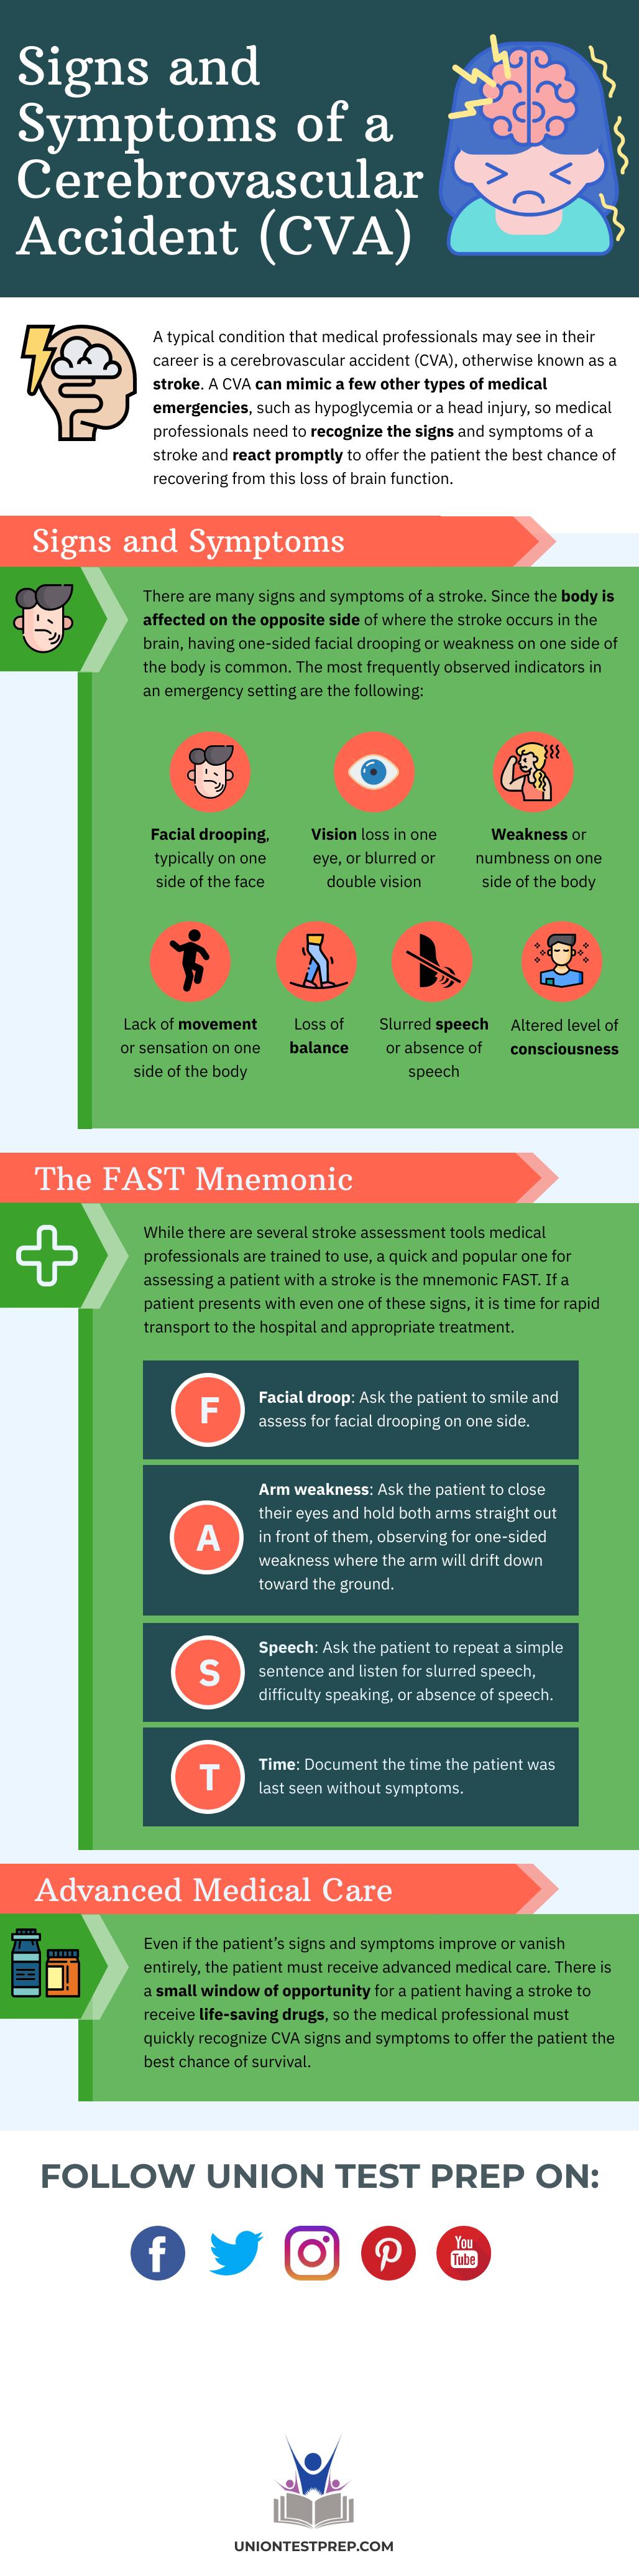 signs and symptoms cva